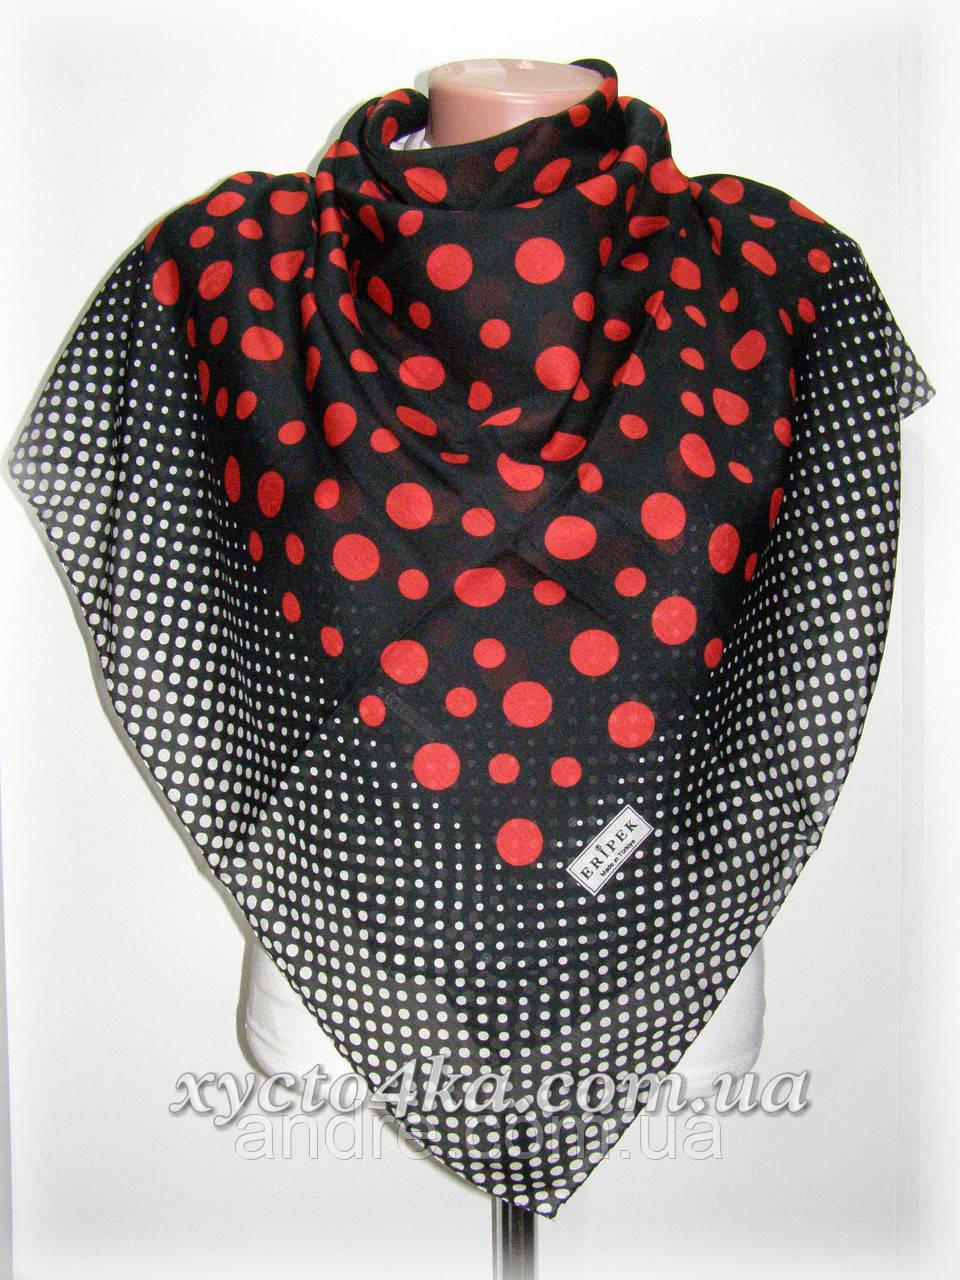 Лёгкий Турецкий натуральный платок Горошек, чёрный с красным